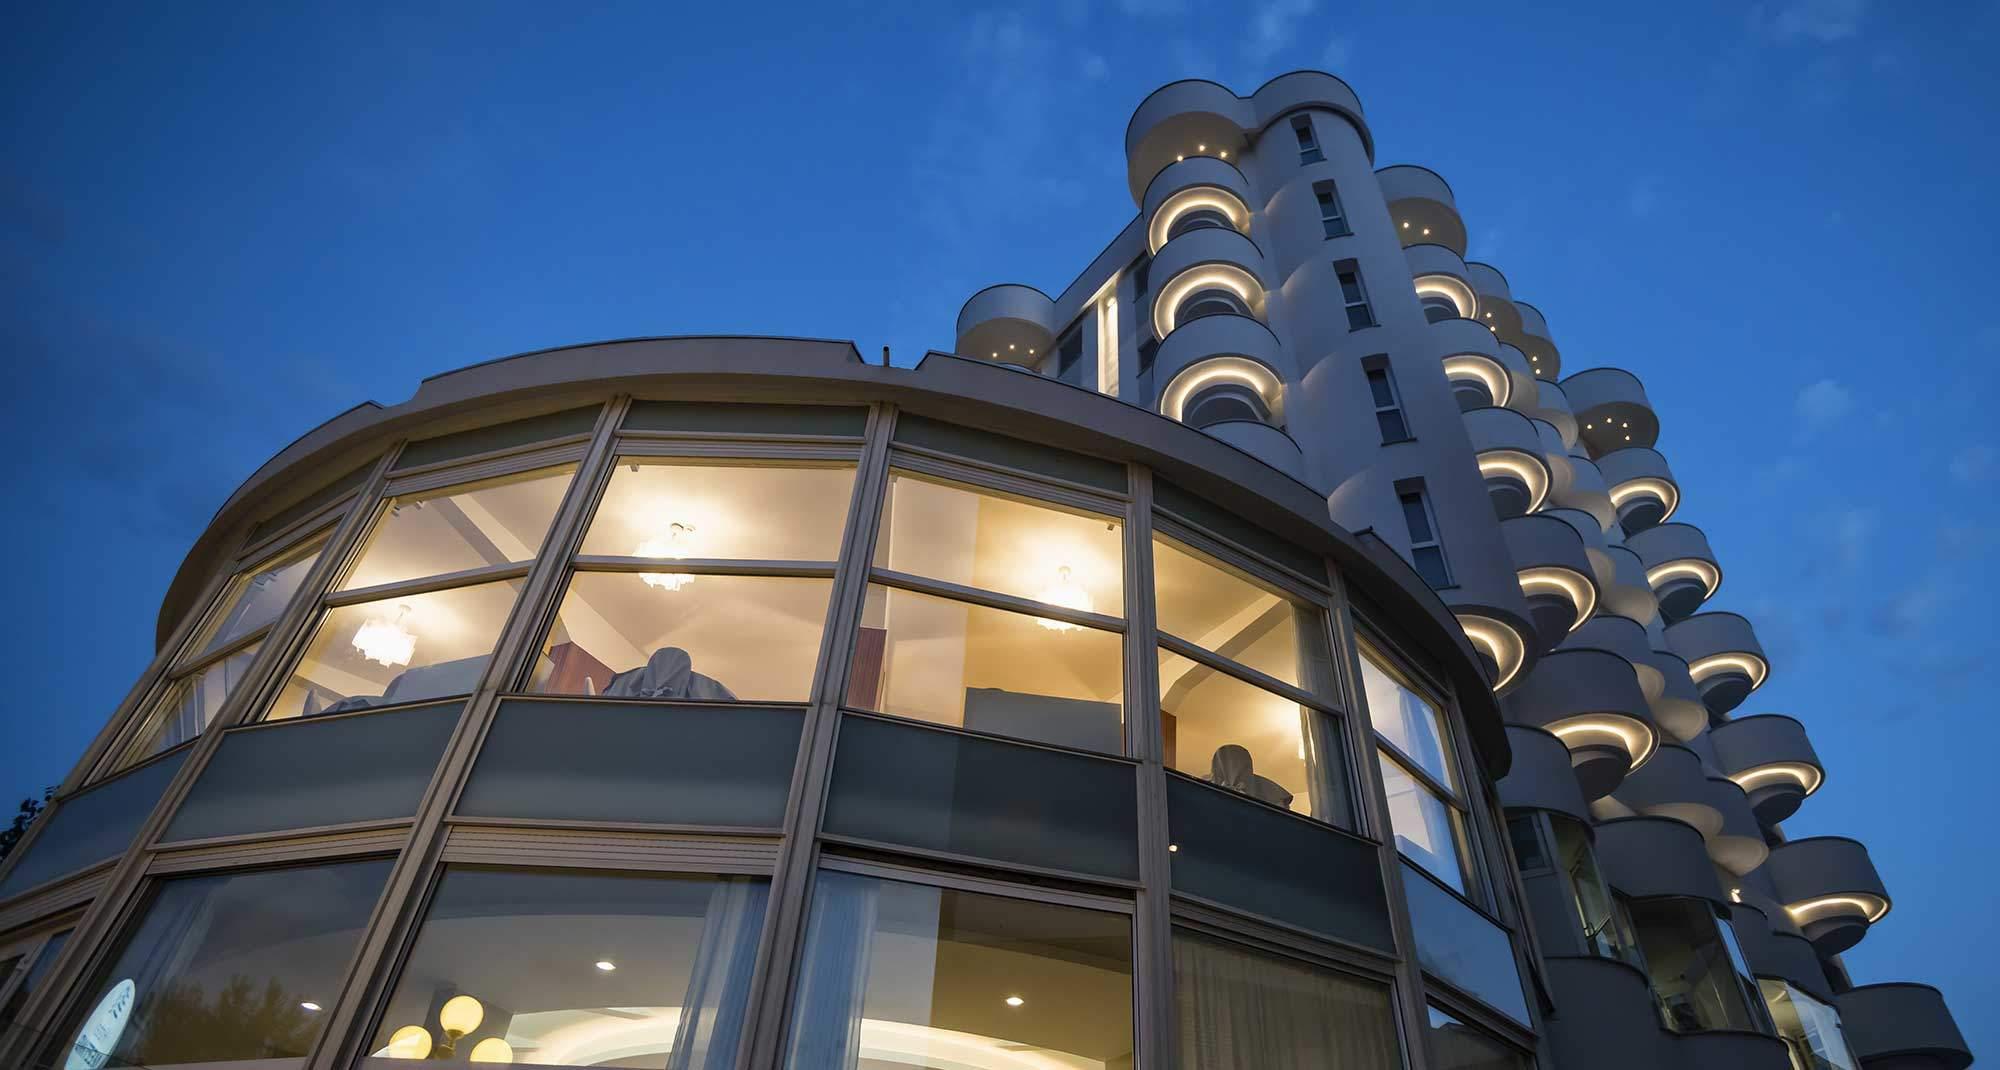 Progetto di illuminazione hotel meeting riccione realizzato con